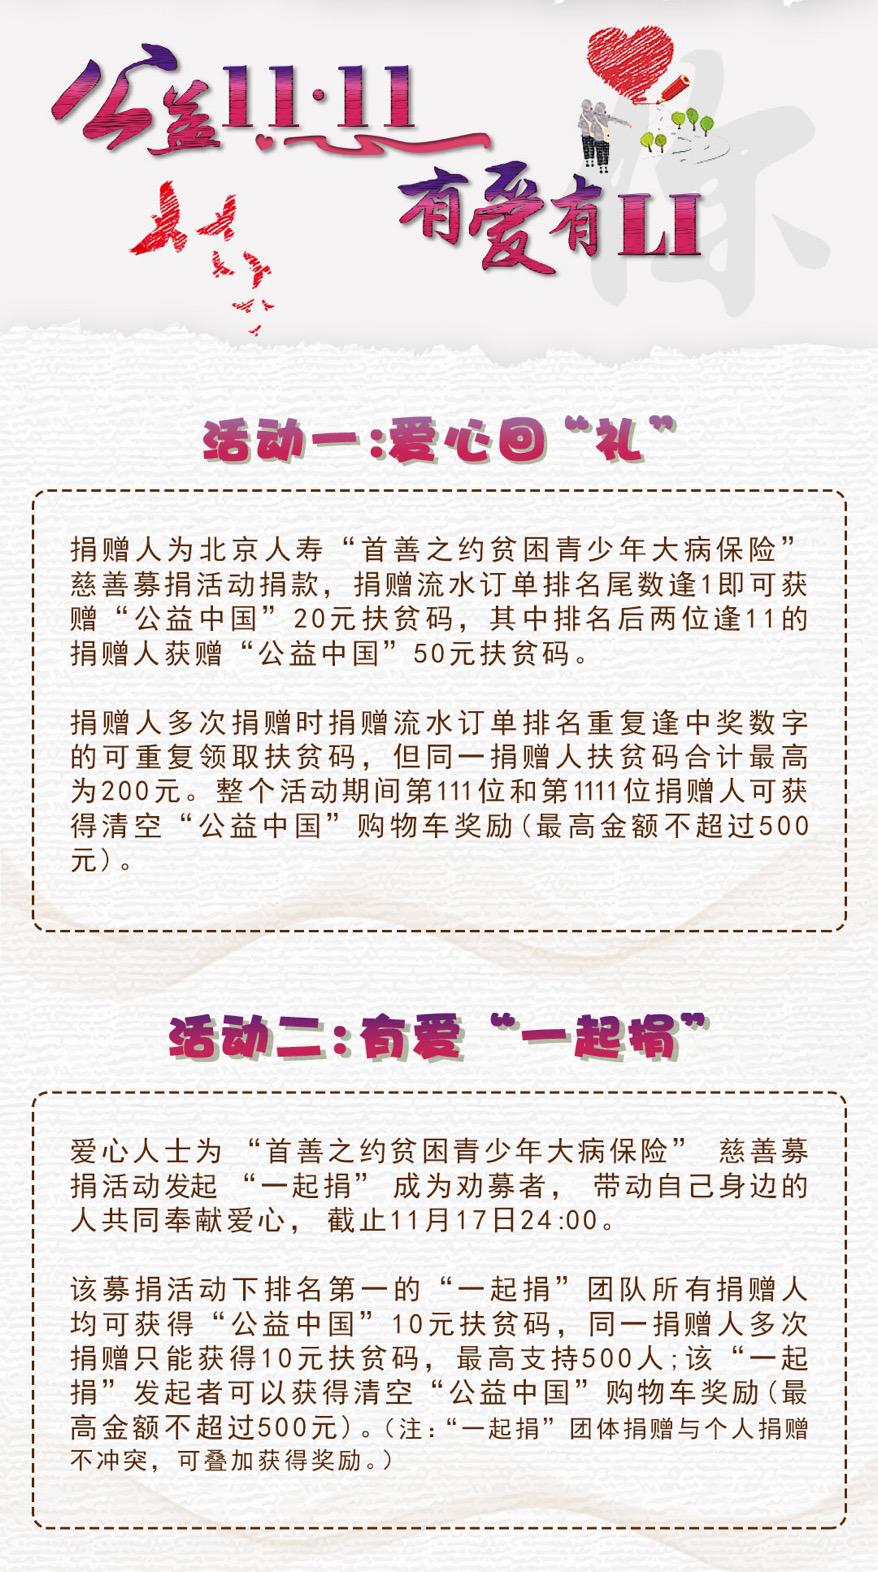 """""""公益双十一""""边买边做公益 北京人寿打造创新公益形式"""